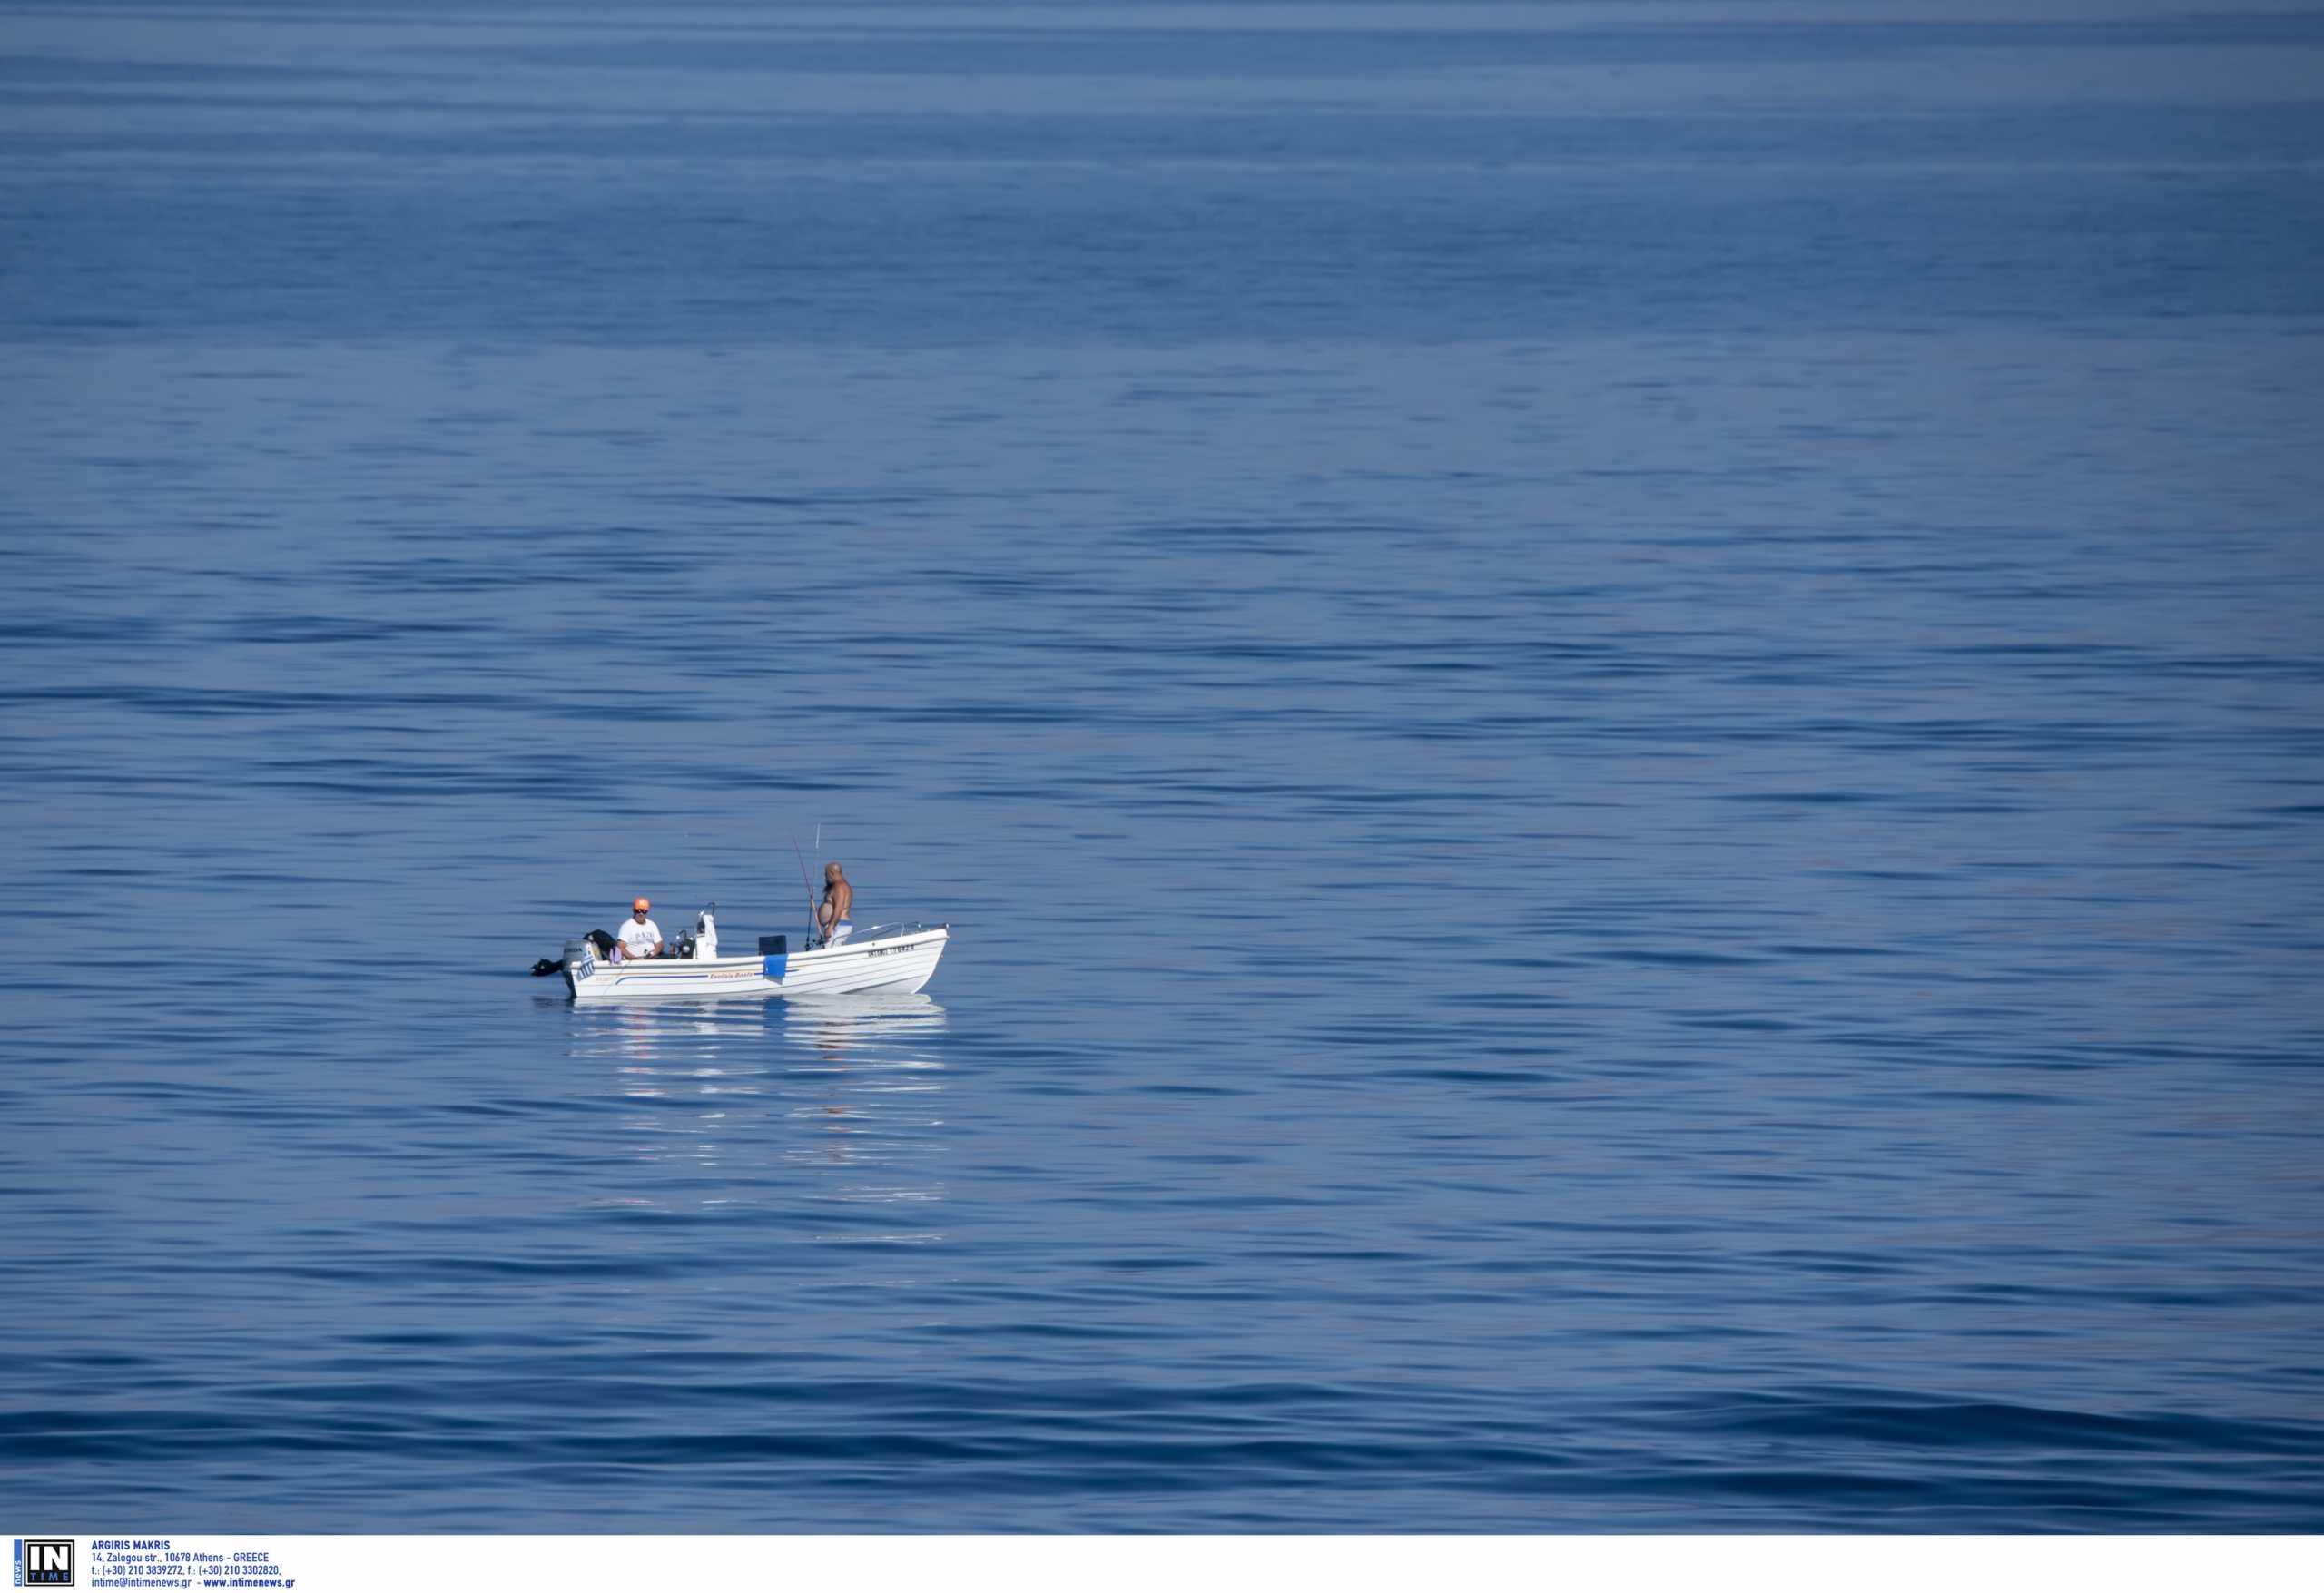 Σέρρες: Θρίλερ με αγνοούμενο ψαρά – Σε κατάσταση σοκ η γυναίκα του που ήταν μαζί του στη βάρκα (video)